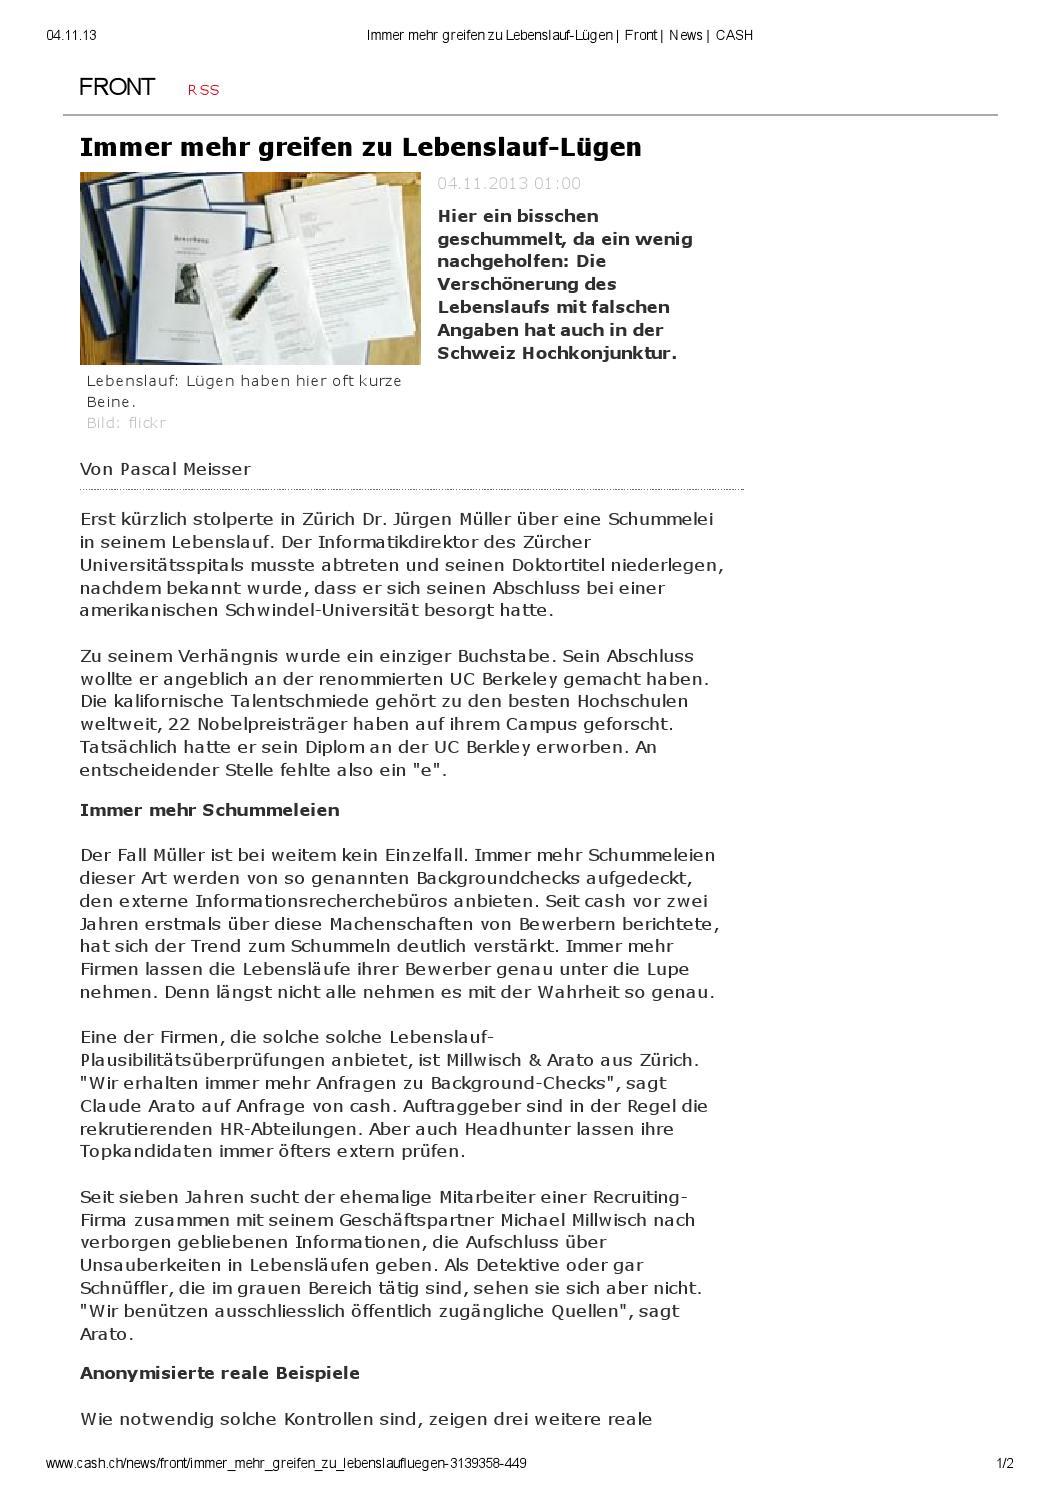 Millwisch Arato Background Check By Millwisch Arato Gmbh Issuu